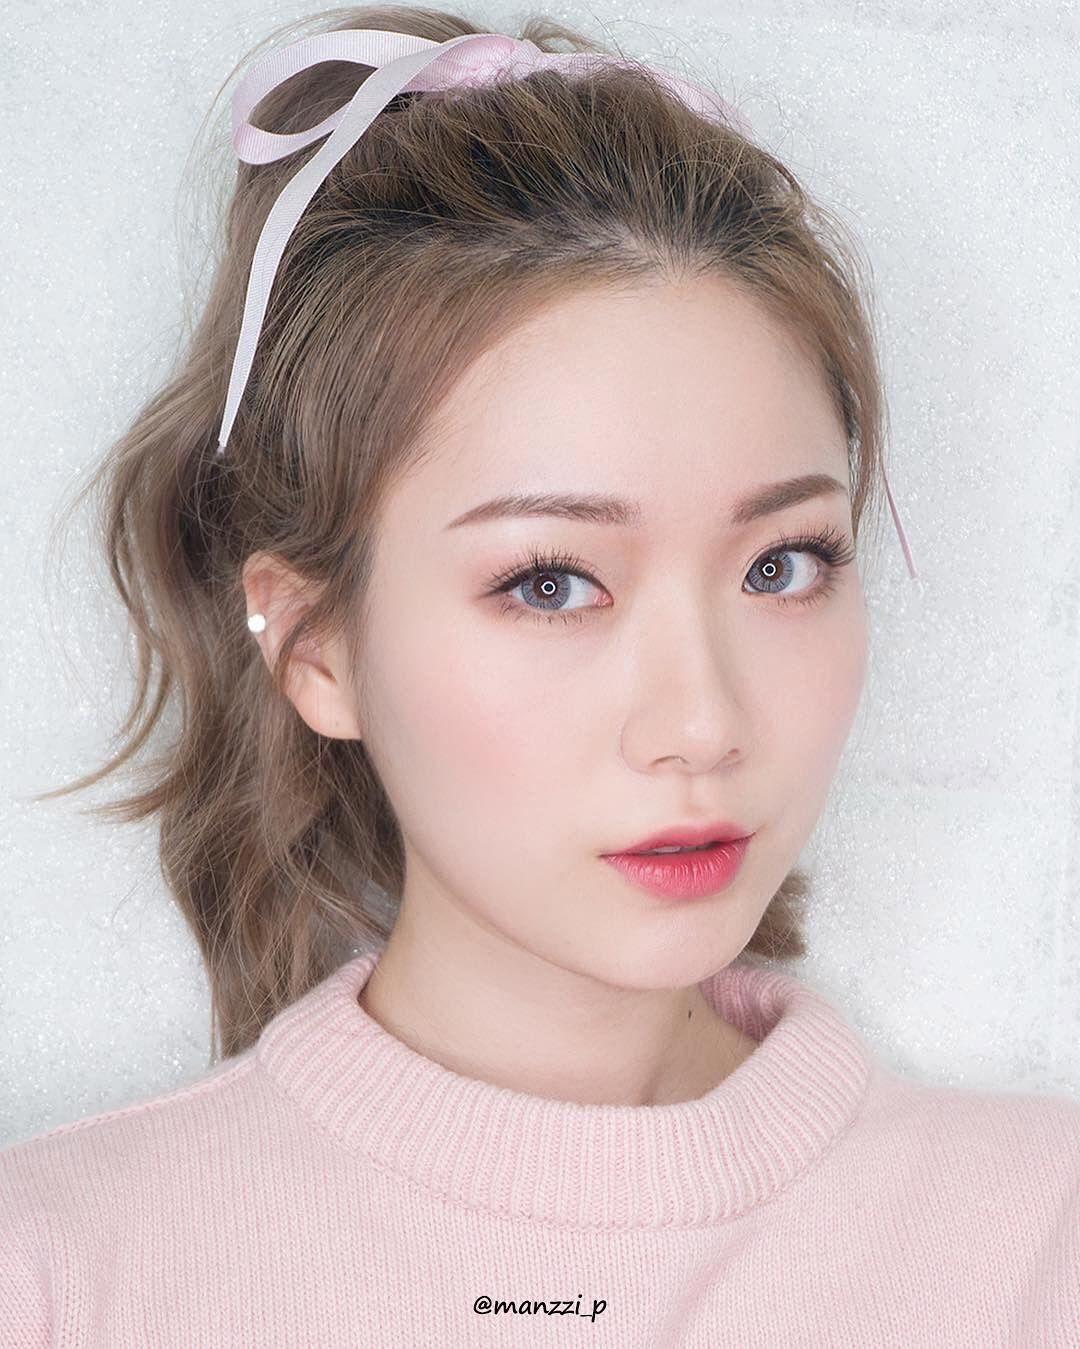 Korean wedding decoration ideas  Korean Make Up Looks I Pin By Aki Warinda  eye make up  Pinterest